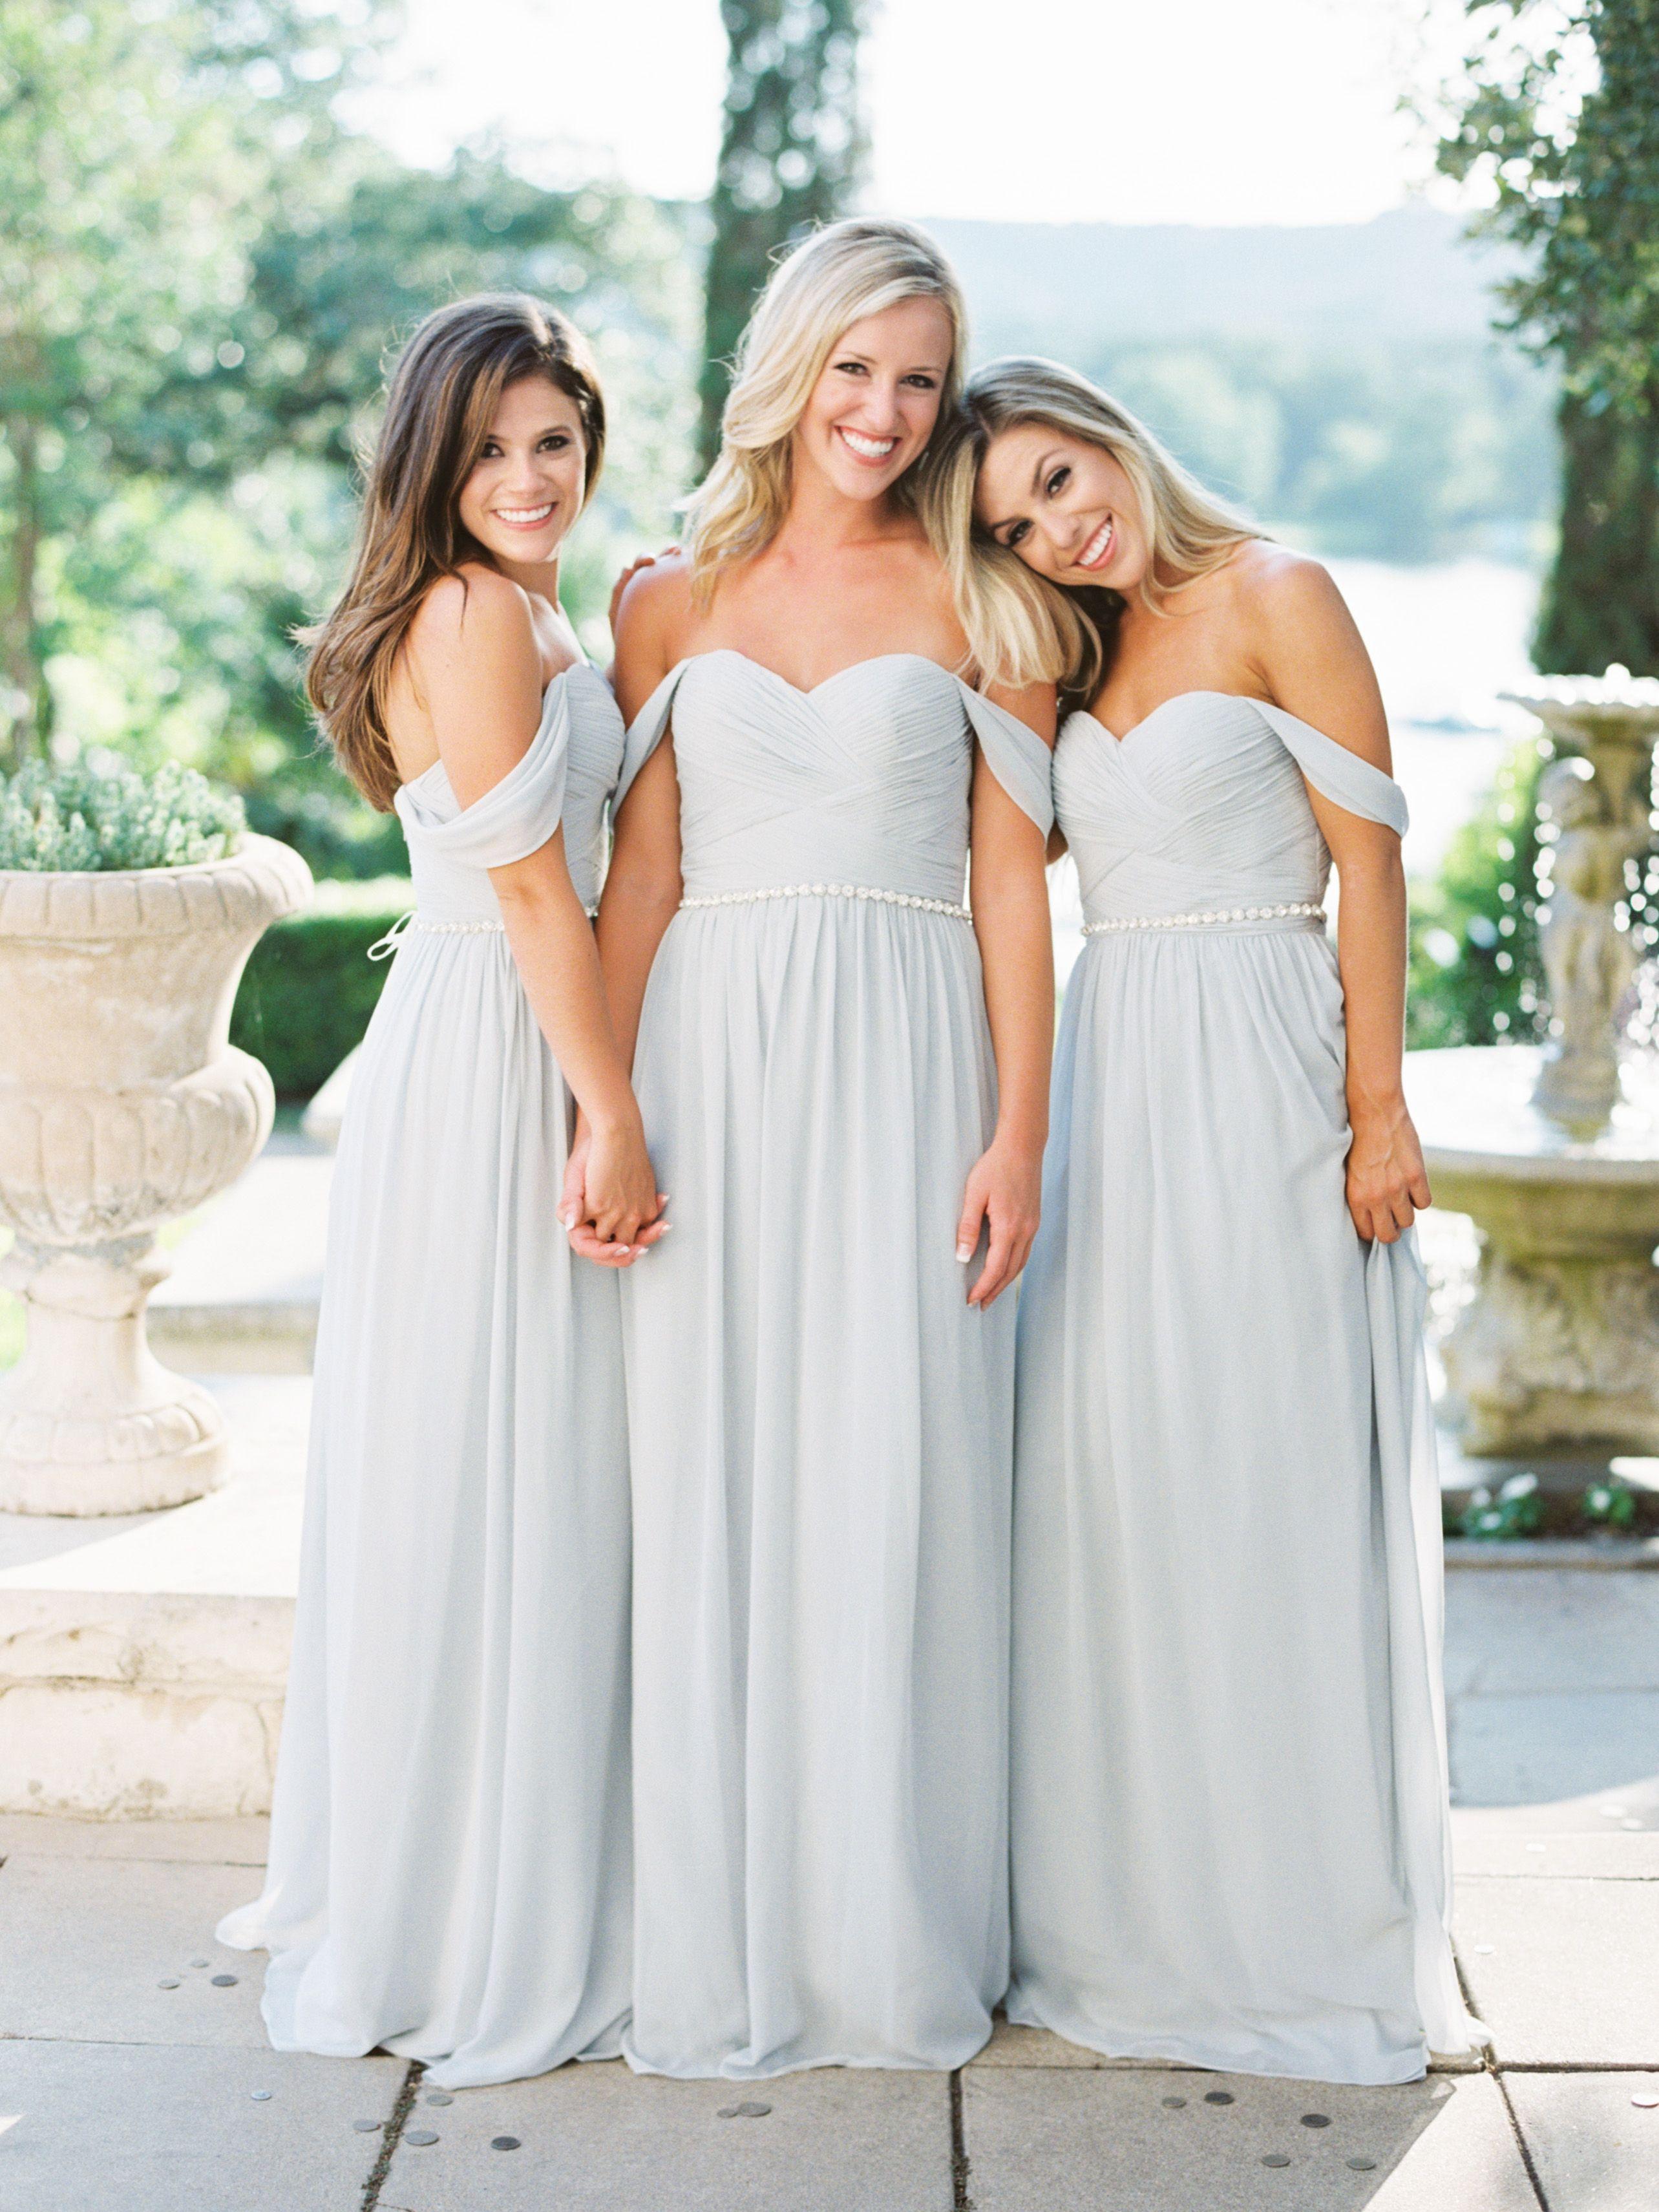 Kennedy Chiffon Convertible Dress Baby Blue Bridesmaid Dresses Light Blue Chiffon Bridesmaid Dress Bridesmaid Dresses Long Chiffon